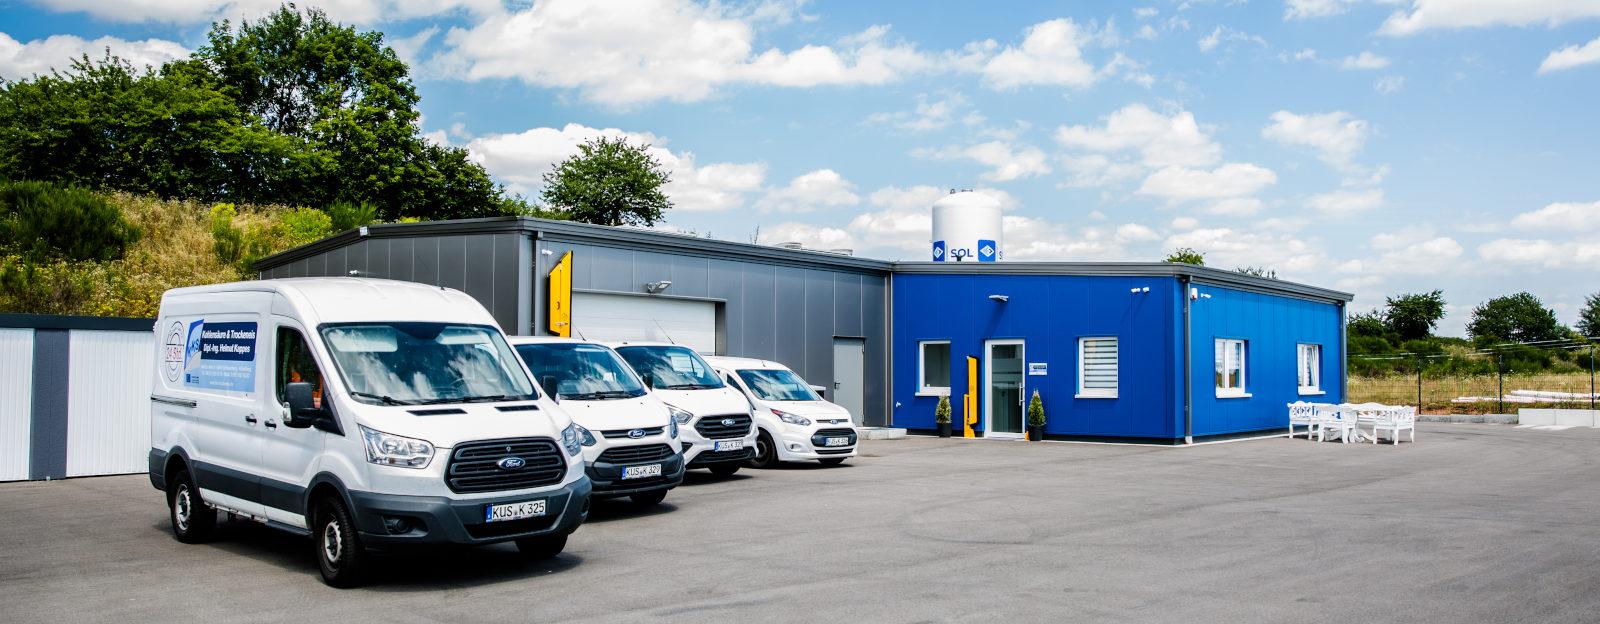 kks-kohlensäure-und-trockeneis-büro-und-parkplatz